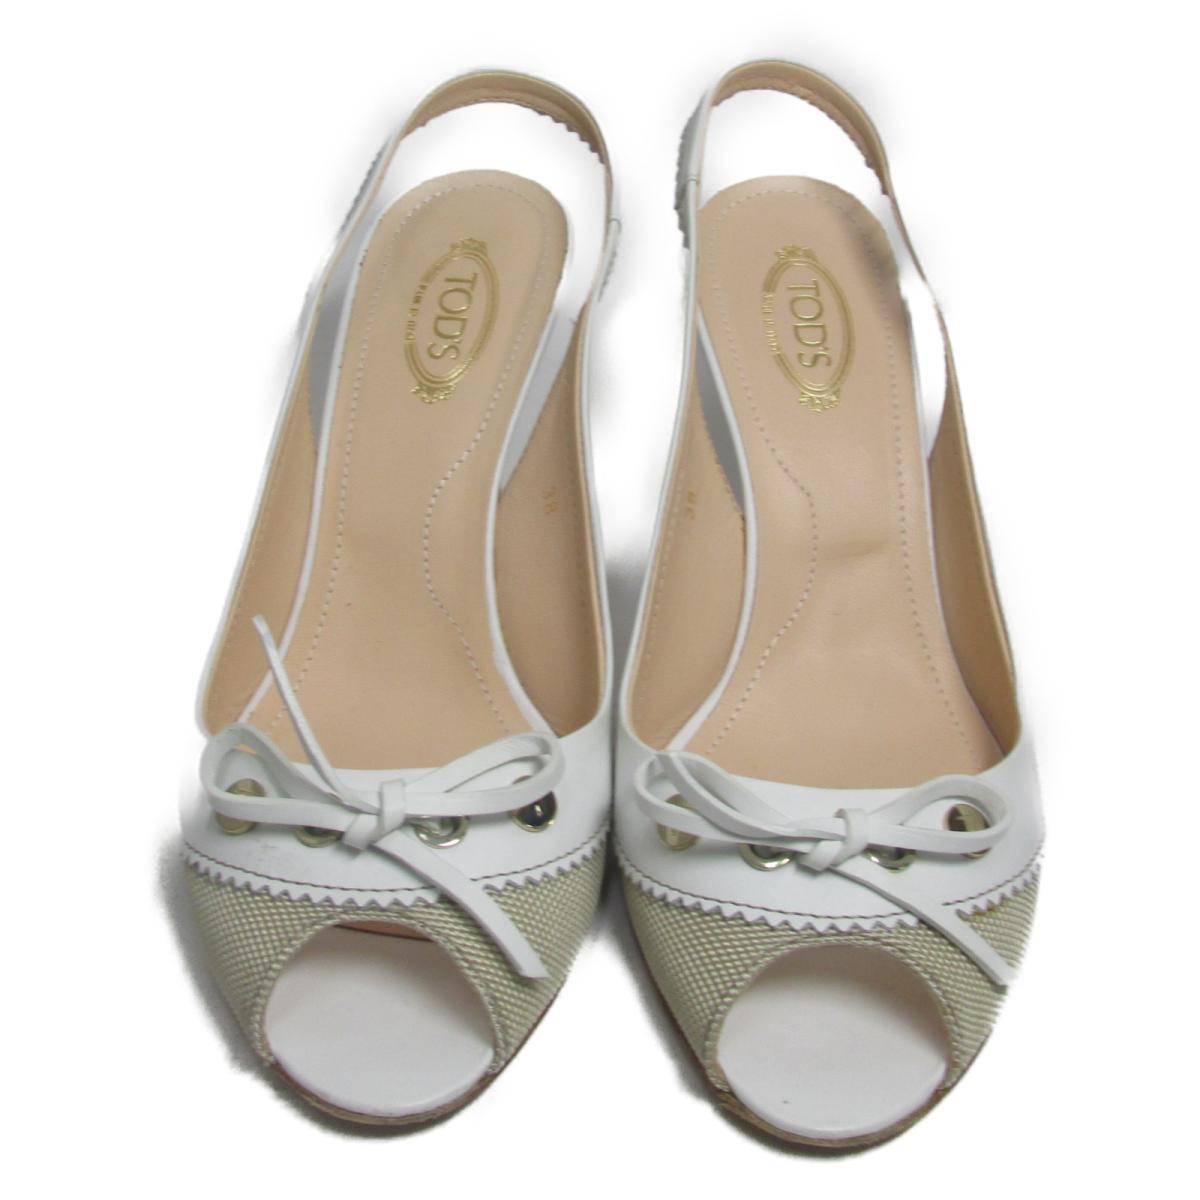 【中古】 トッズ パンプス レディース レザー ホワイト | TOD'S くつ 靴 パンプス 美品 ブランドオフ BRANDOFF